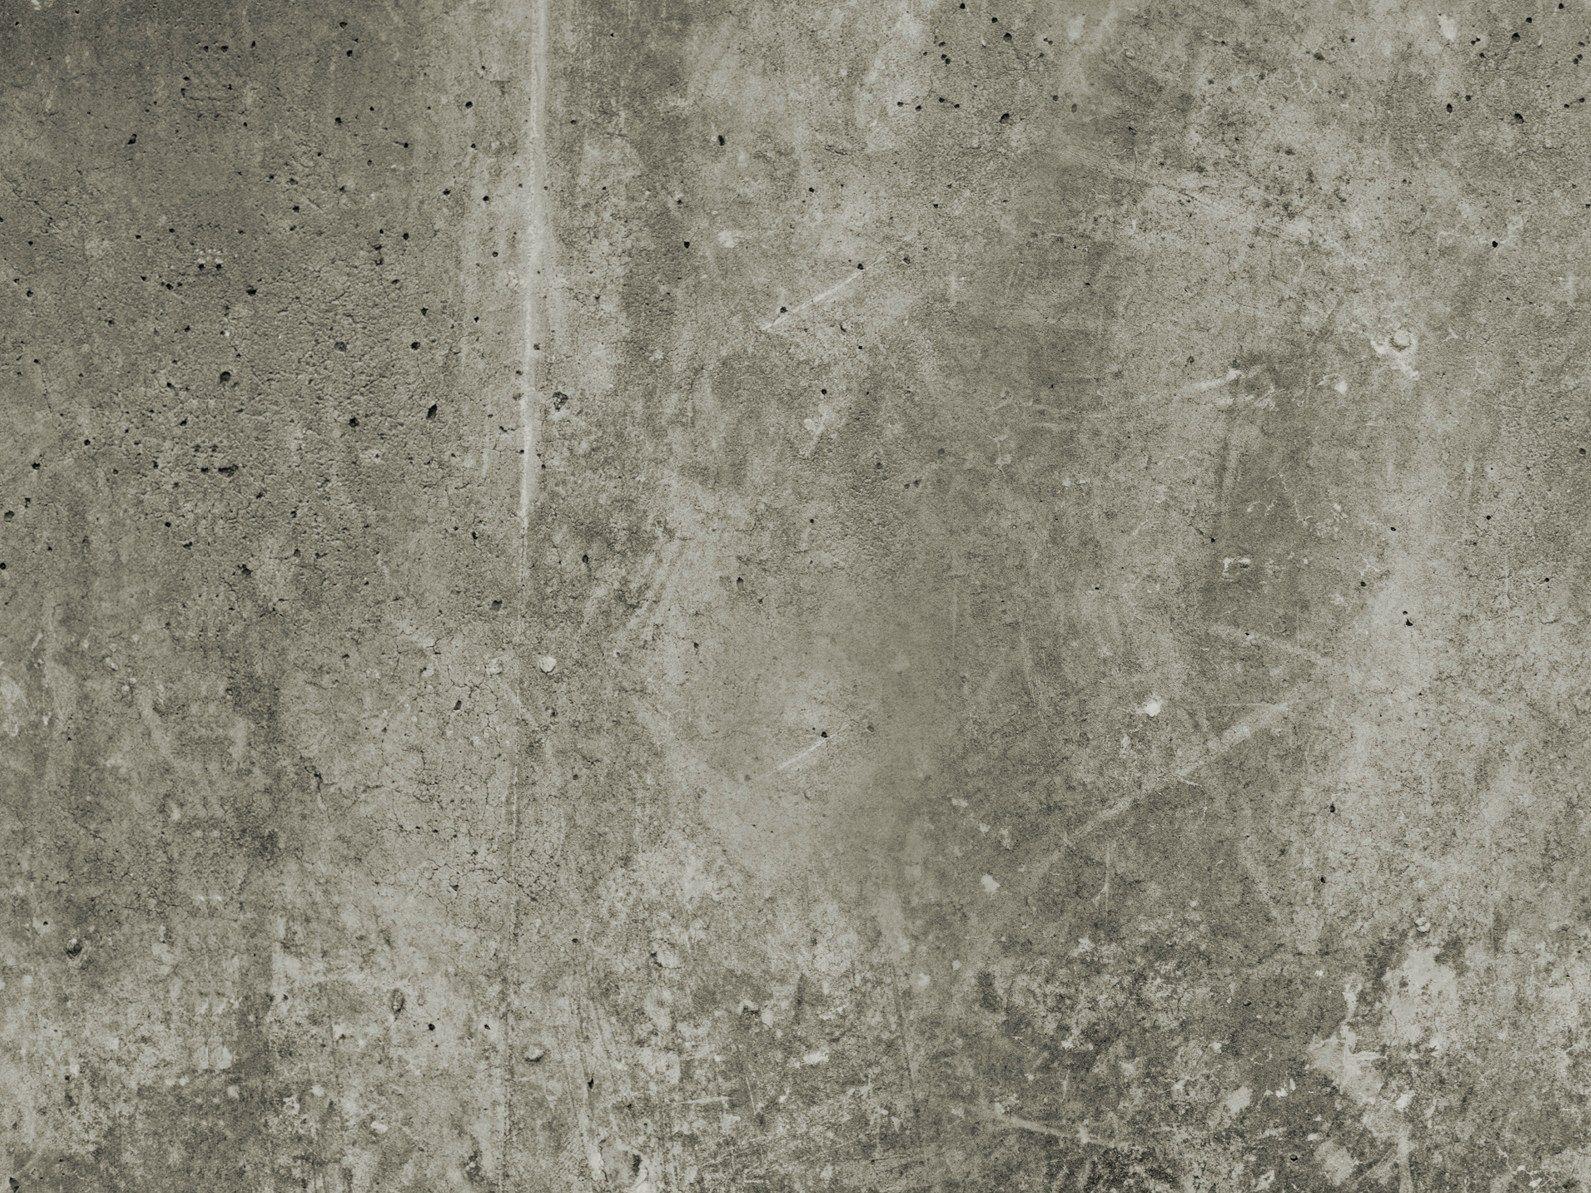 Effetto muro walls by wall dec design giovanni pagani for Carta da parati effetto muro rovinato